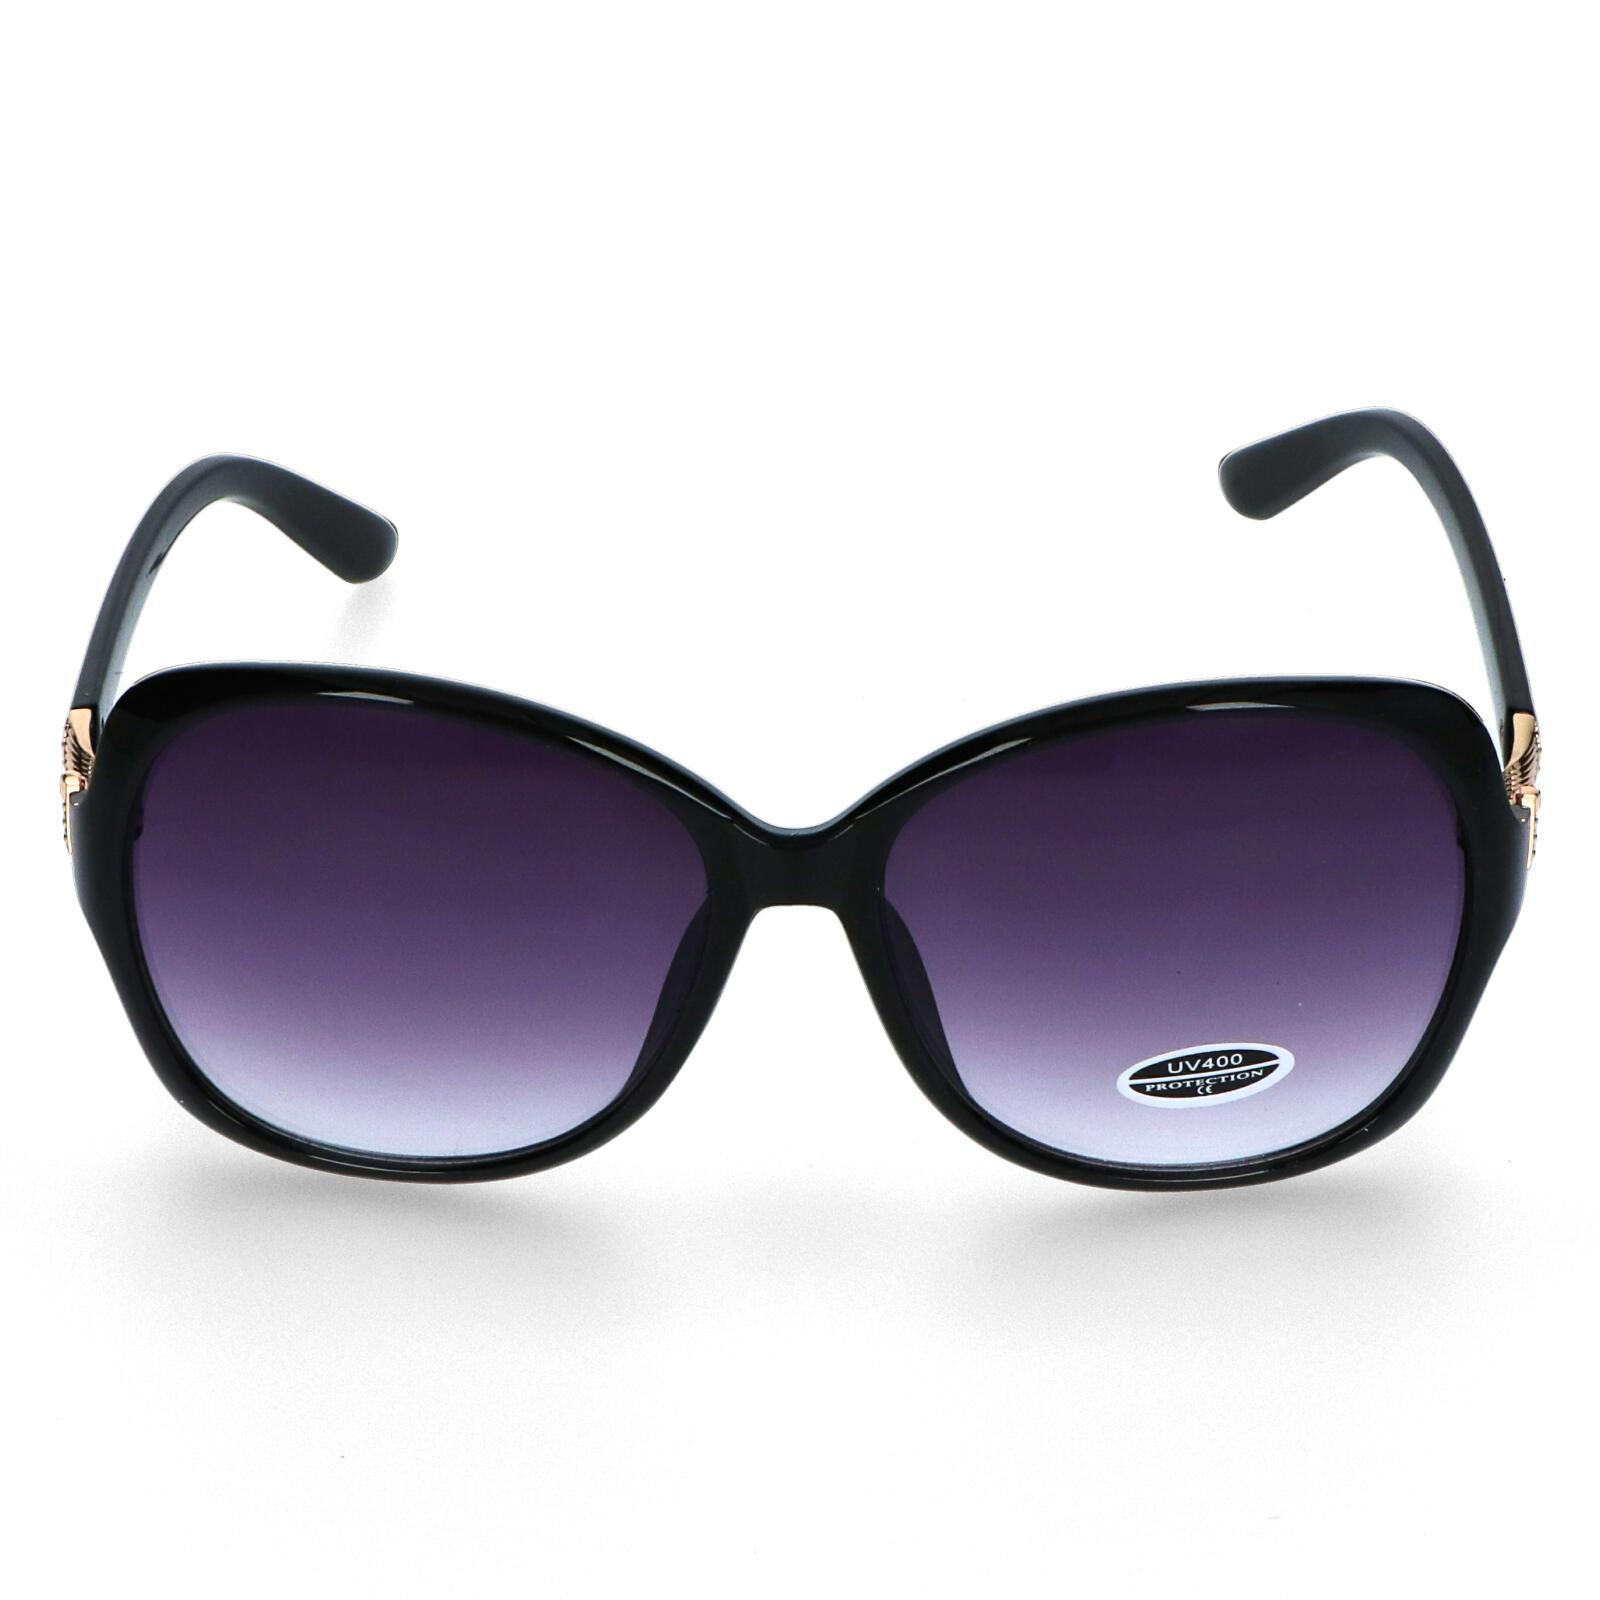 Dámské sluneční brýle černé - S0605